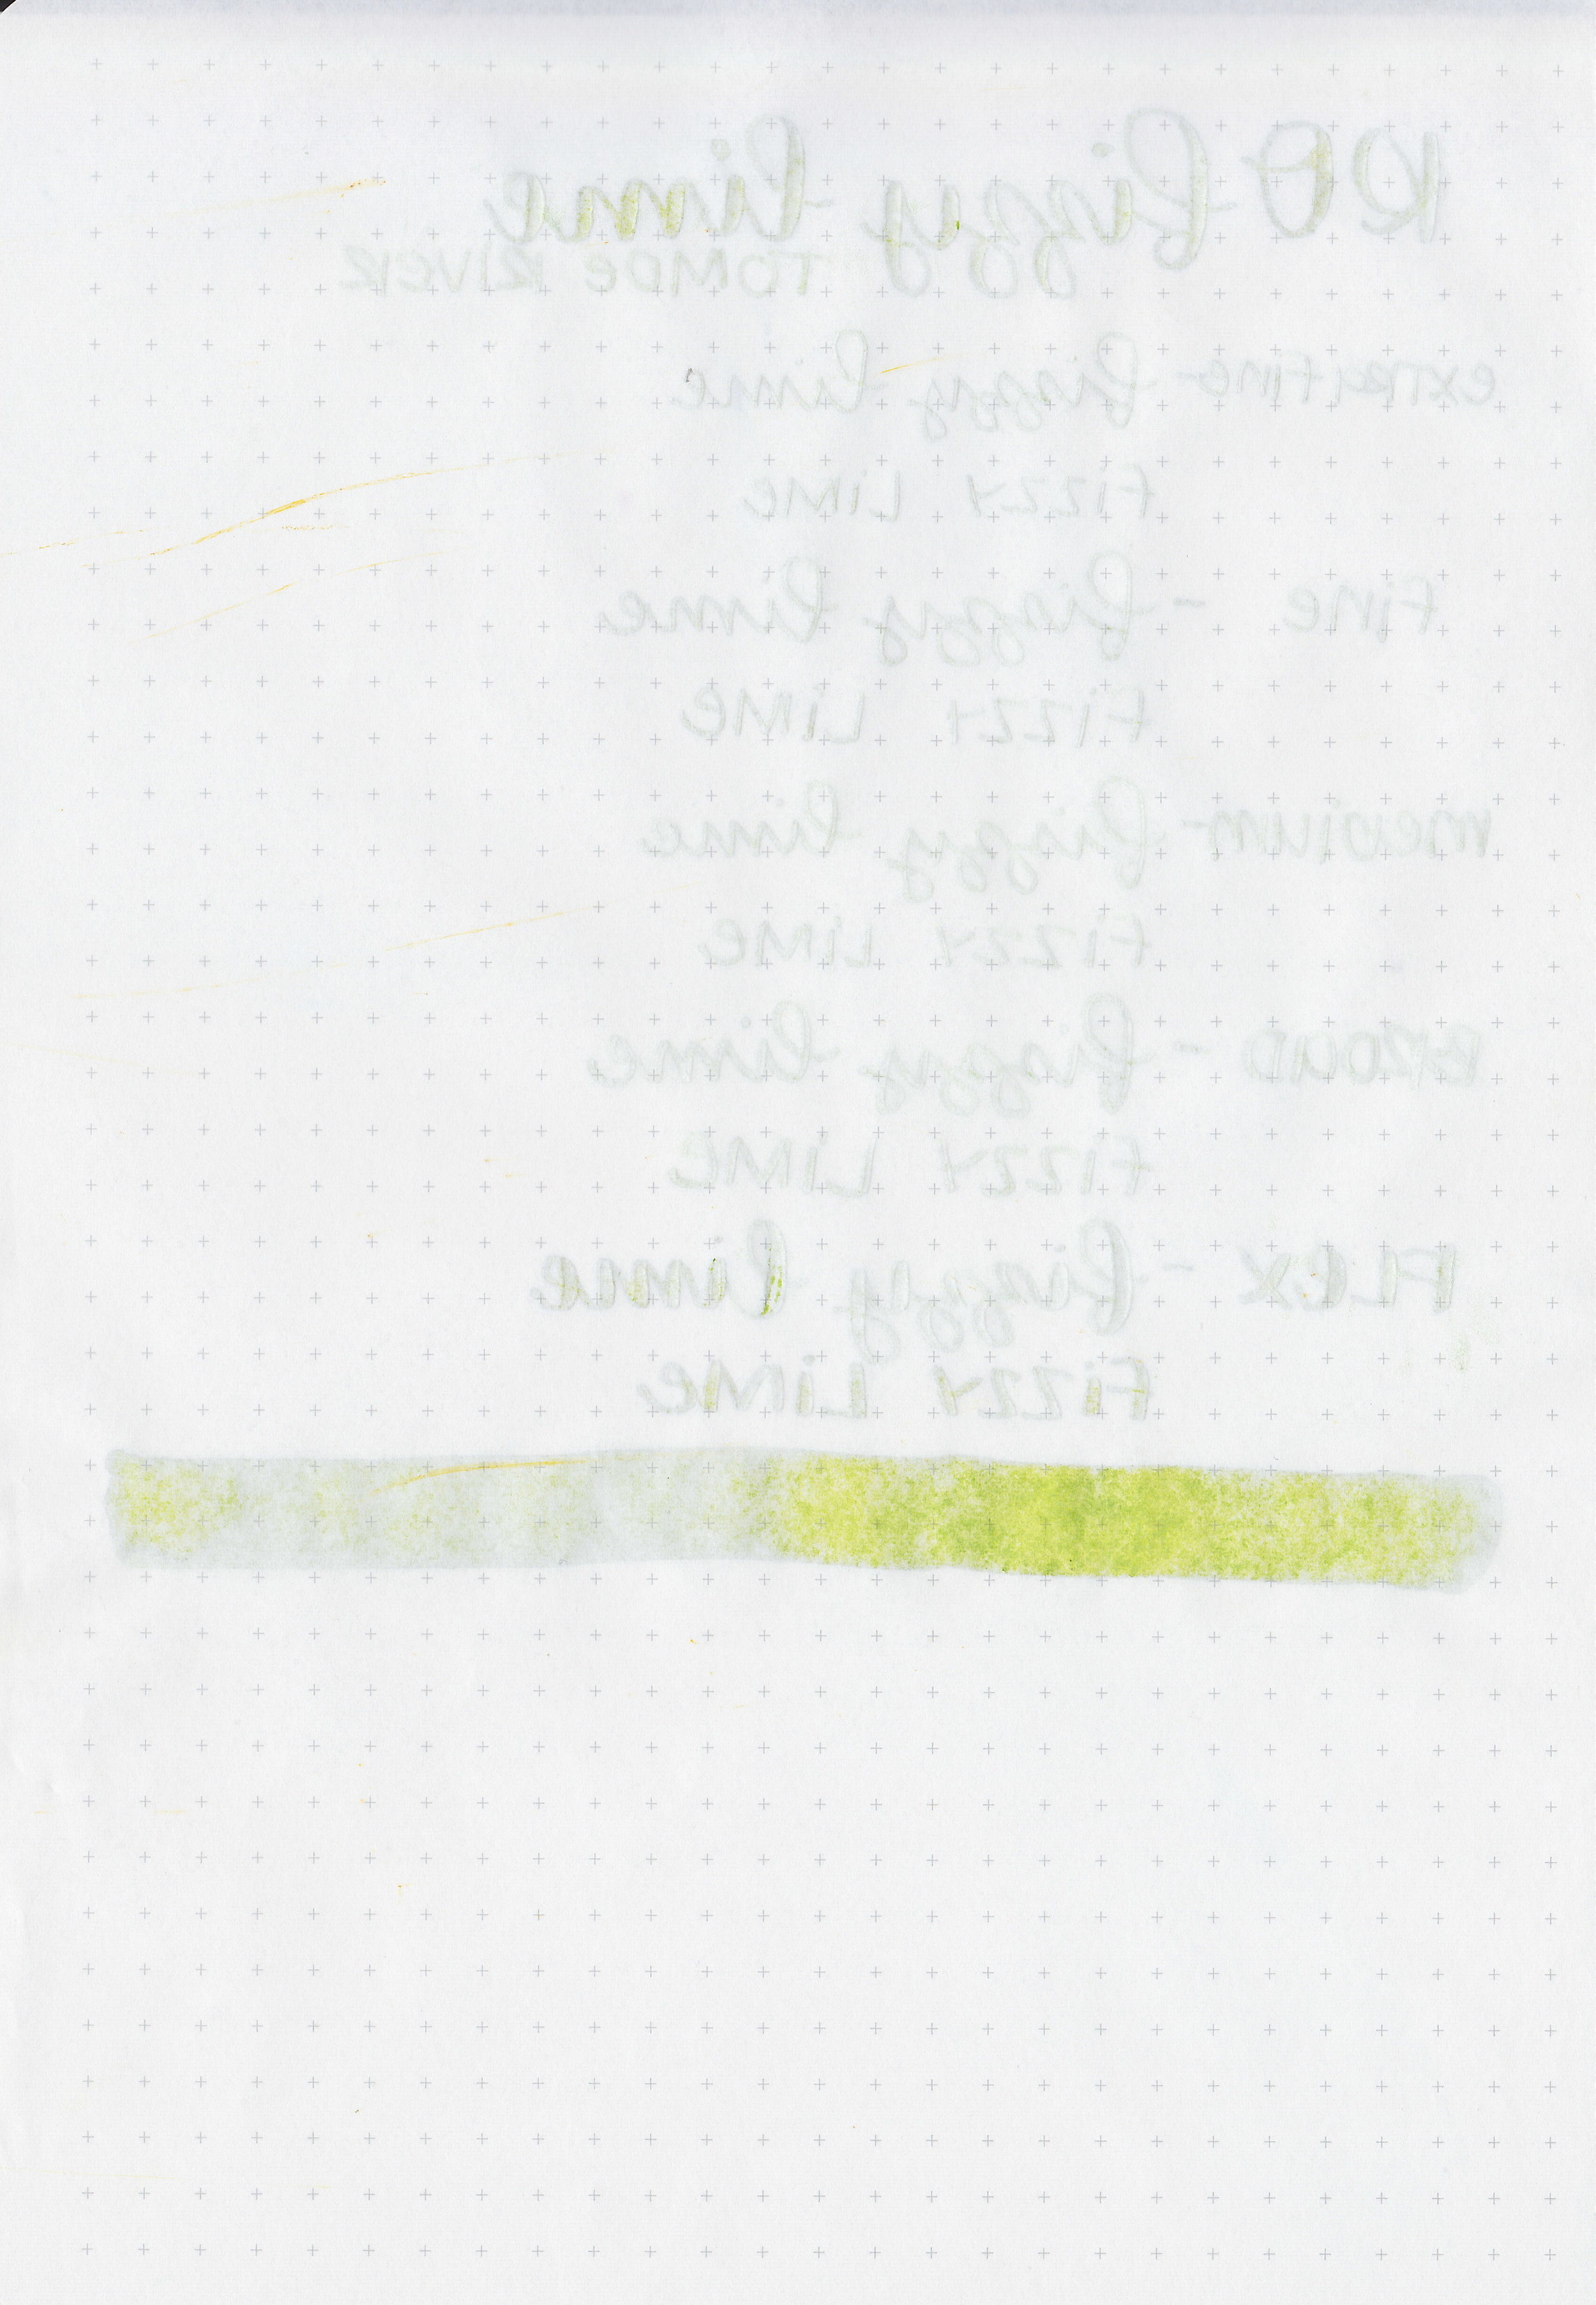 ro-fizzy-lime-6.jpg